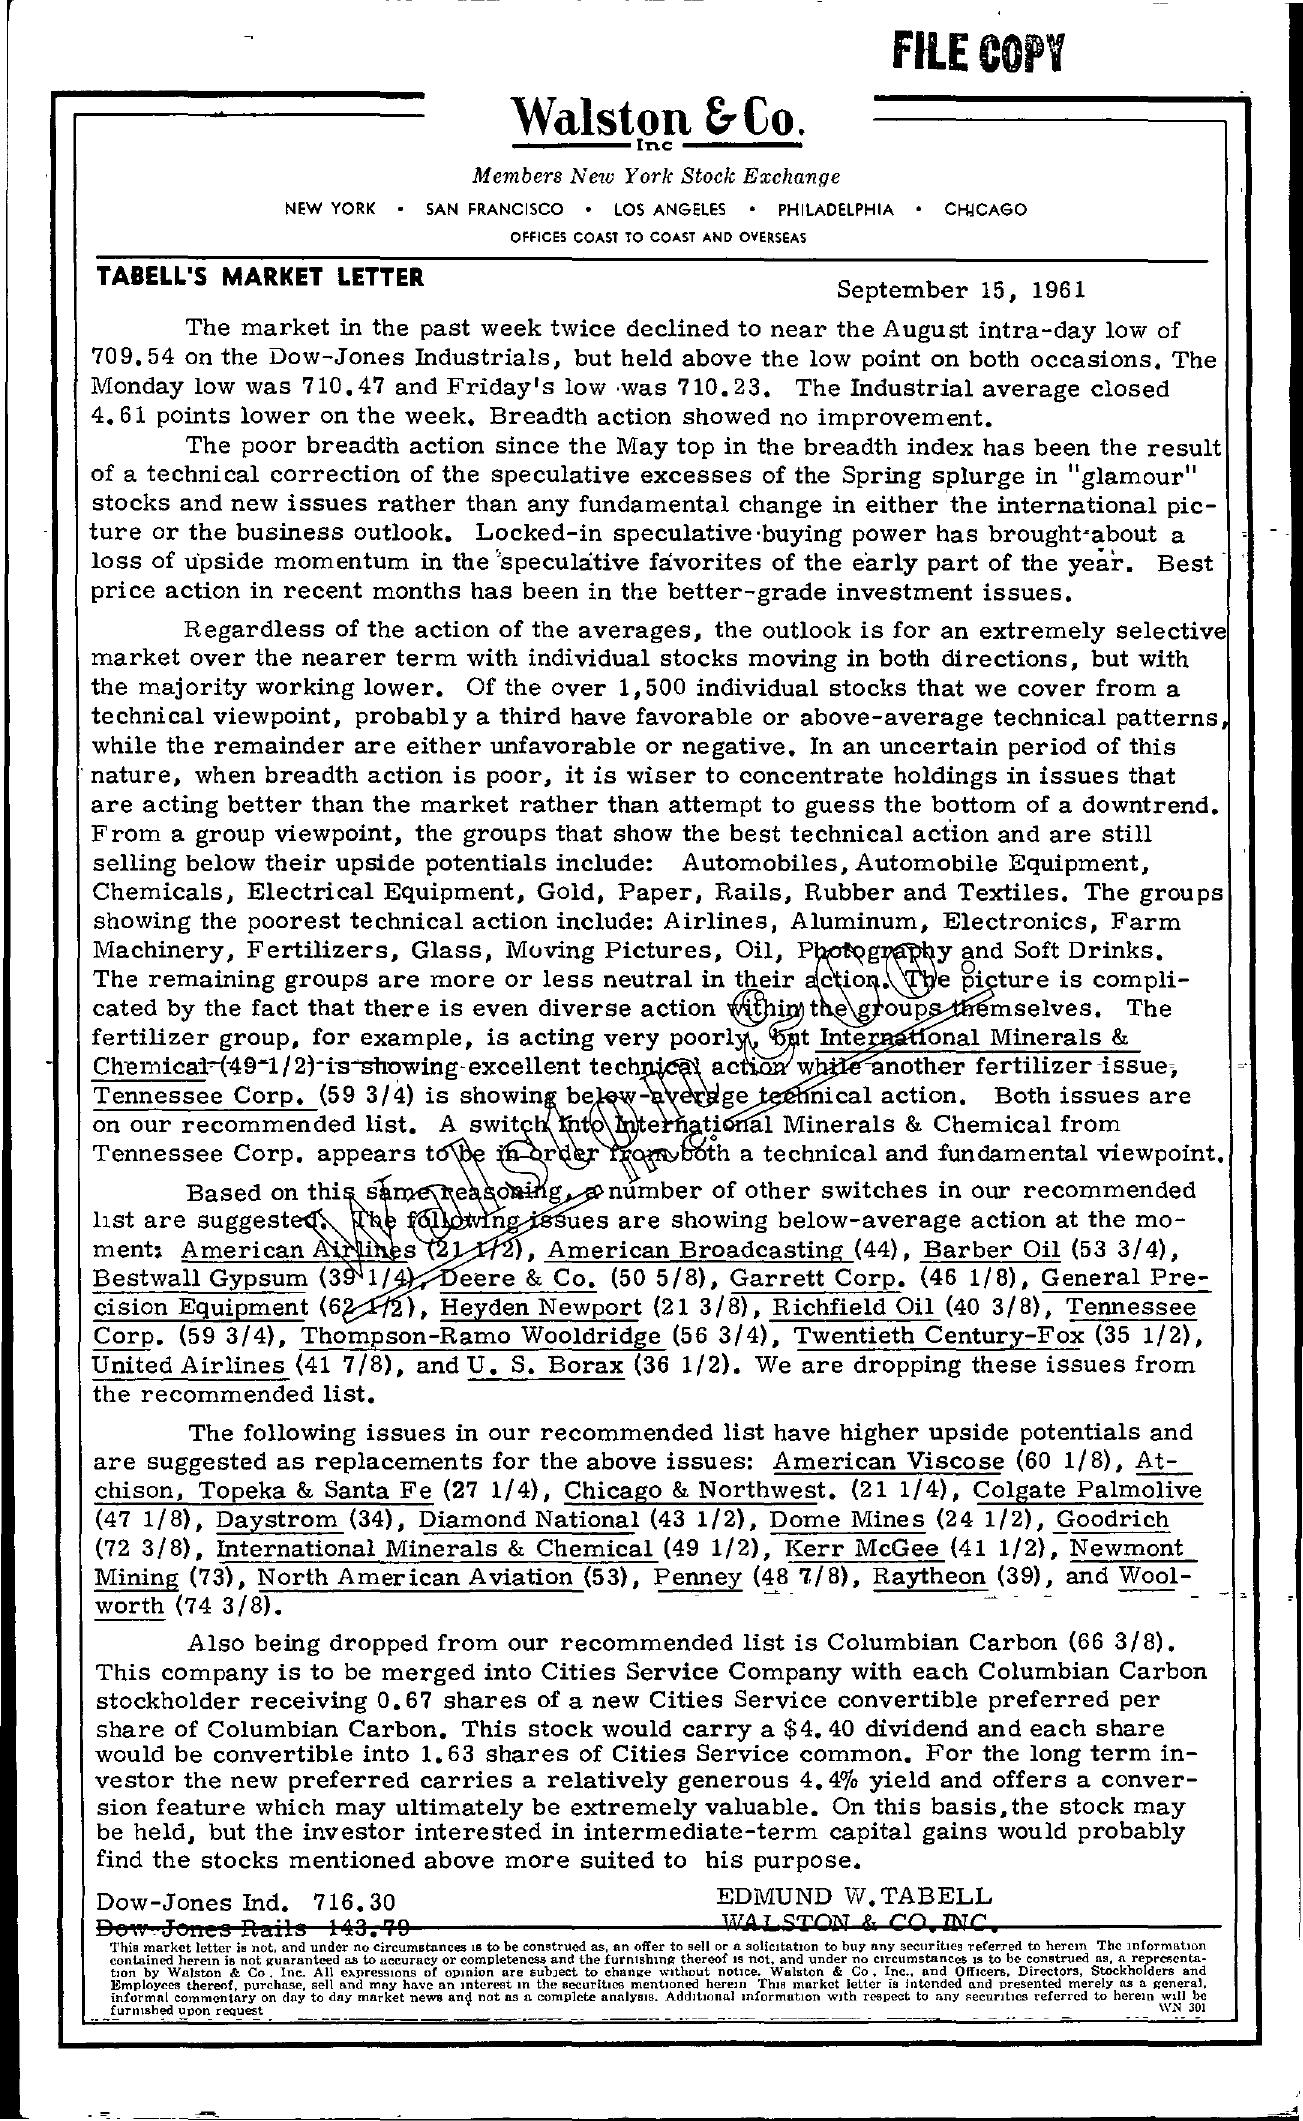 Tabell's Market Letter - September 15, 1961